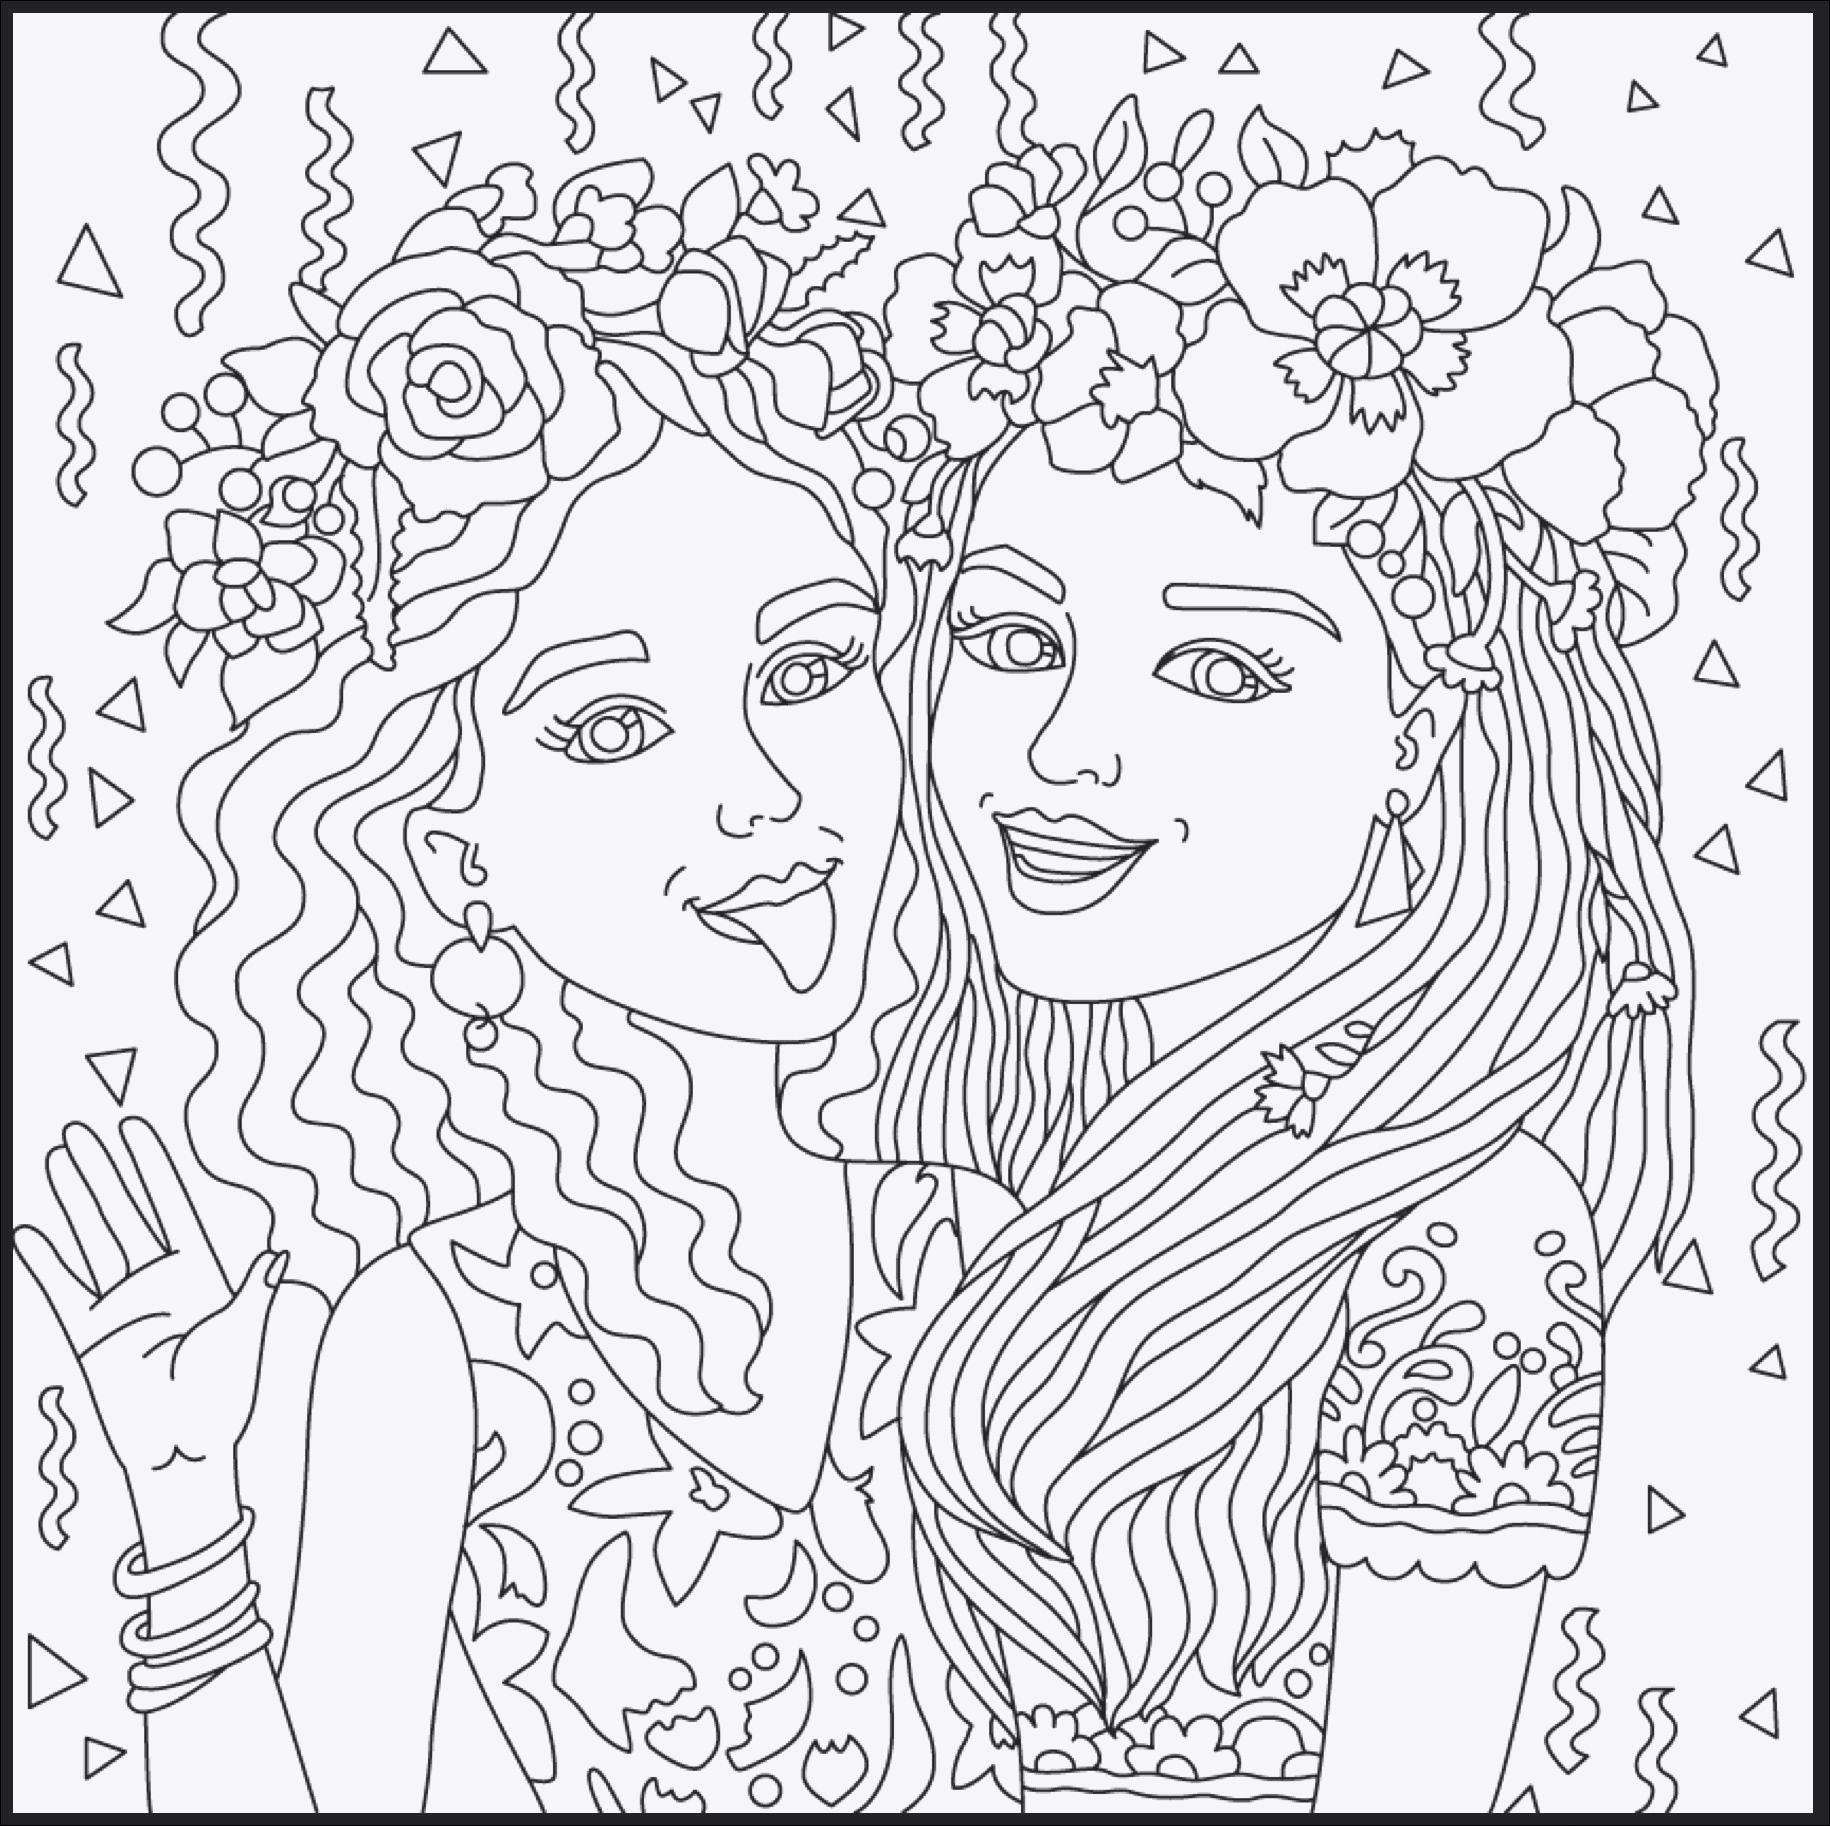 Frisch Ausmalbild Junge Und Mädchen | Cute Coloring Pages bestimmt für Ausmalbild Mädchen